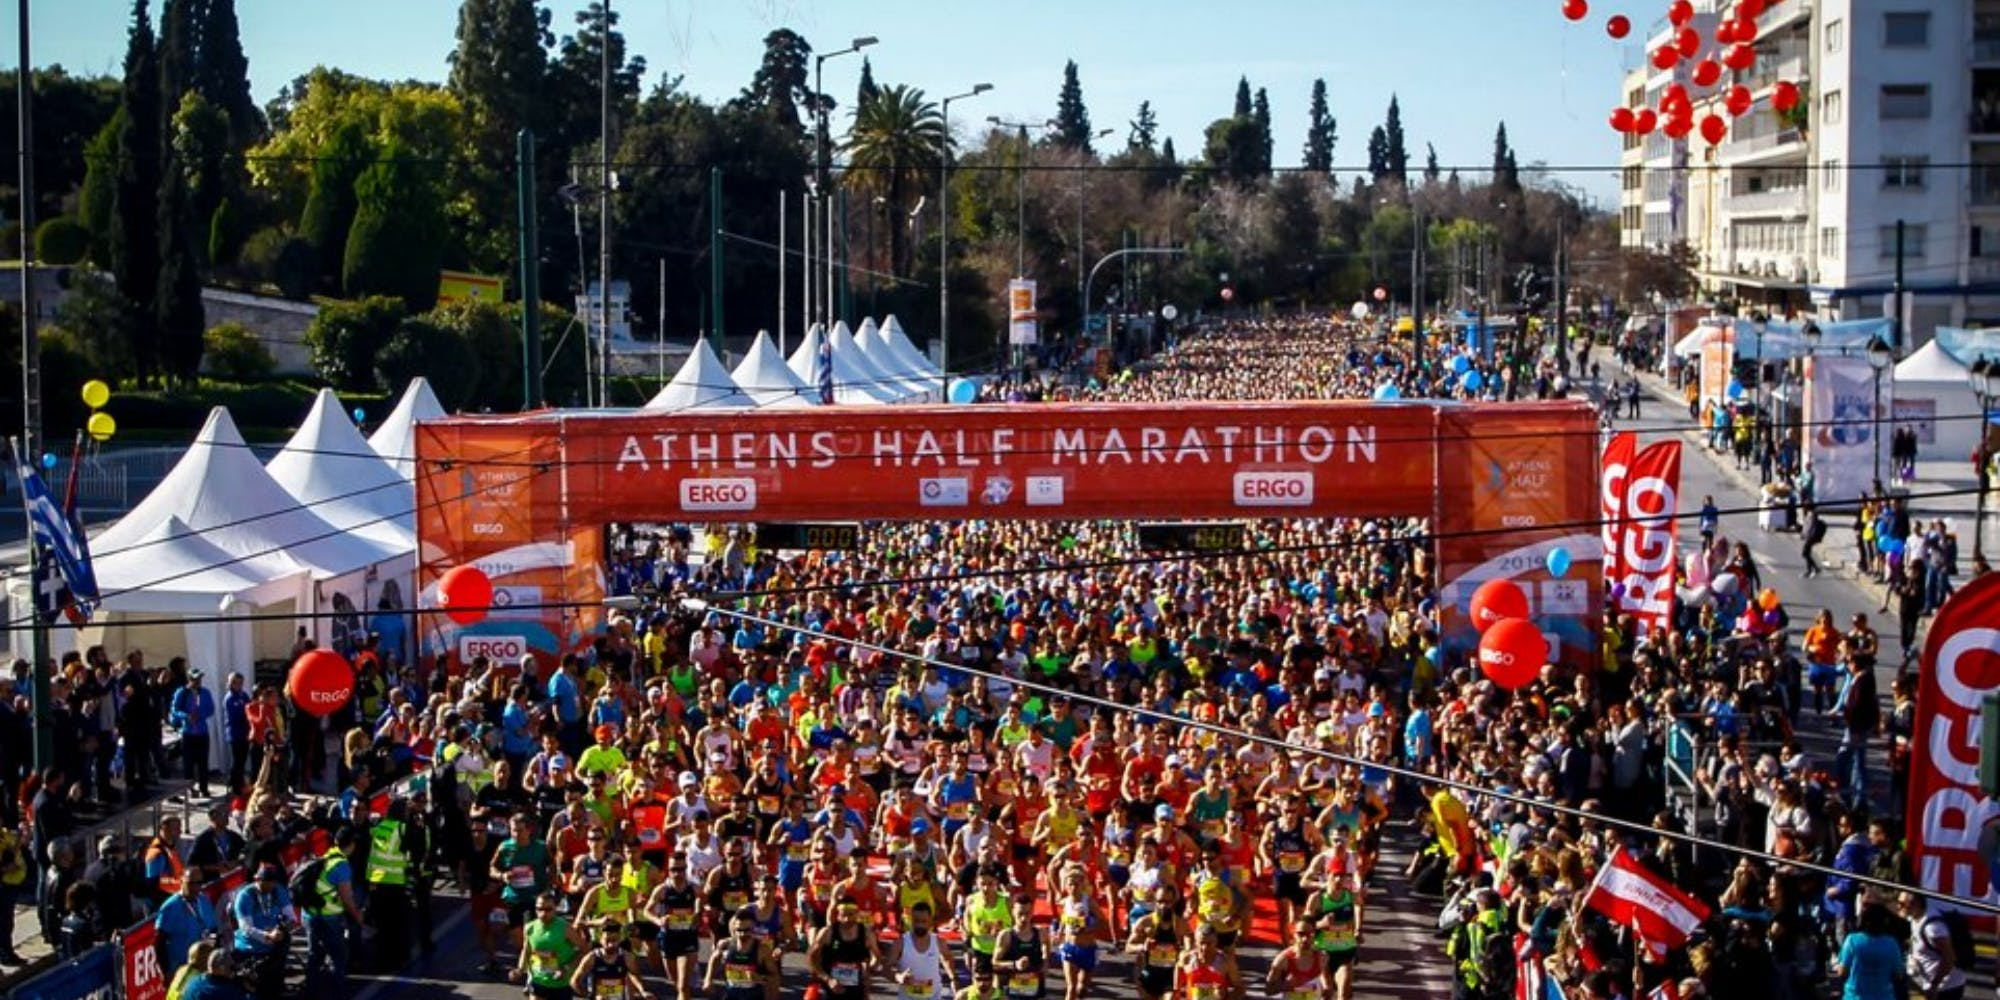 Ημιμαραθώνιος Αθήνας: Τα μπλοκ εκκίνησης, η διαδρομή και όλα όσα πρέπει να ξέρουν οι δρομείς